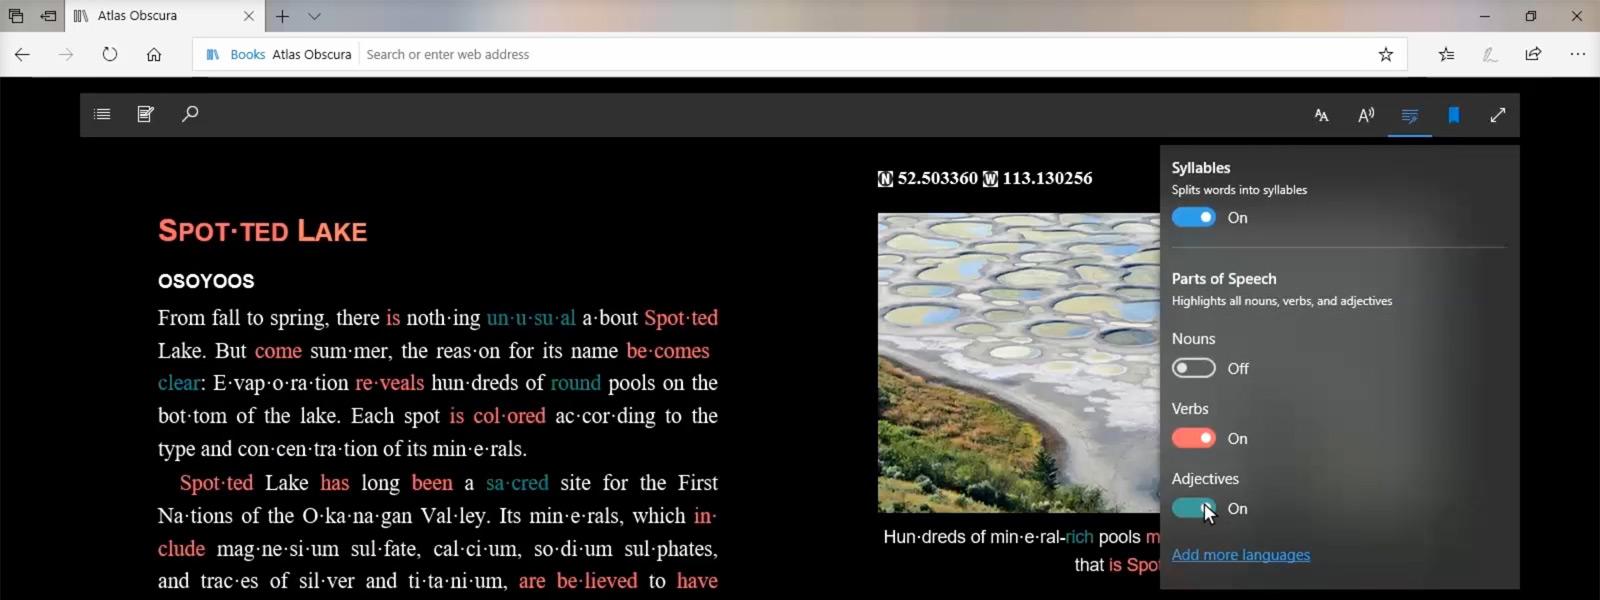 Skjermbilde av Læreverktøy-funksjonaliteten som uthever substantiver, verb og adjektiver på en gitt nettside